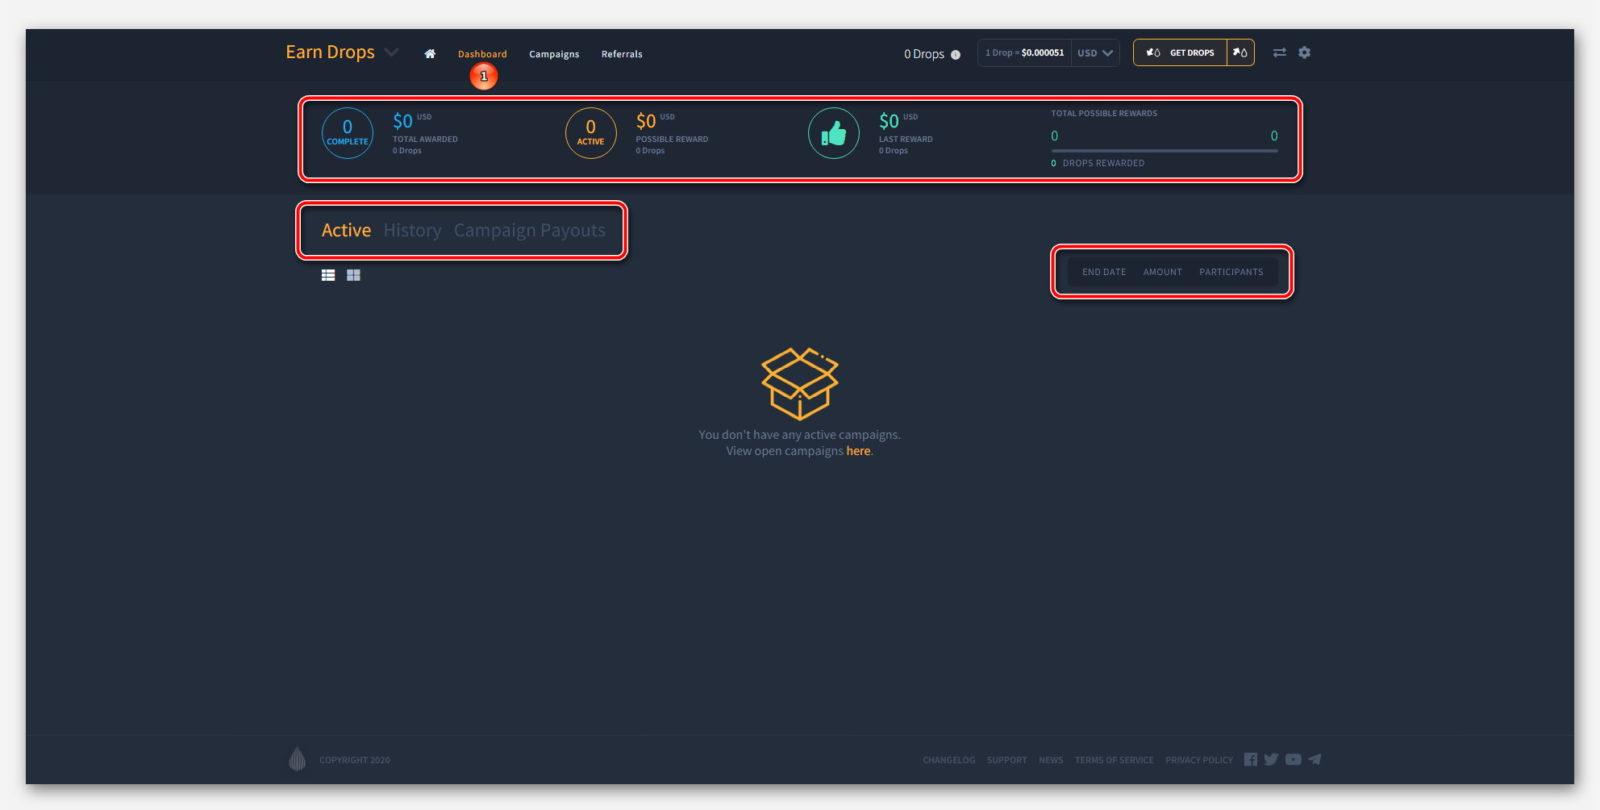 Панель мониторинга в проекте Earn Dropil от компании Dropil